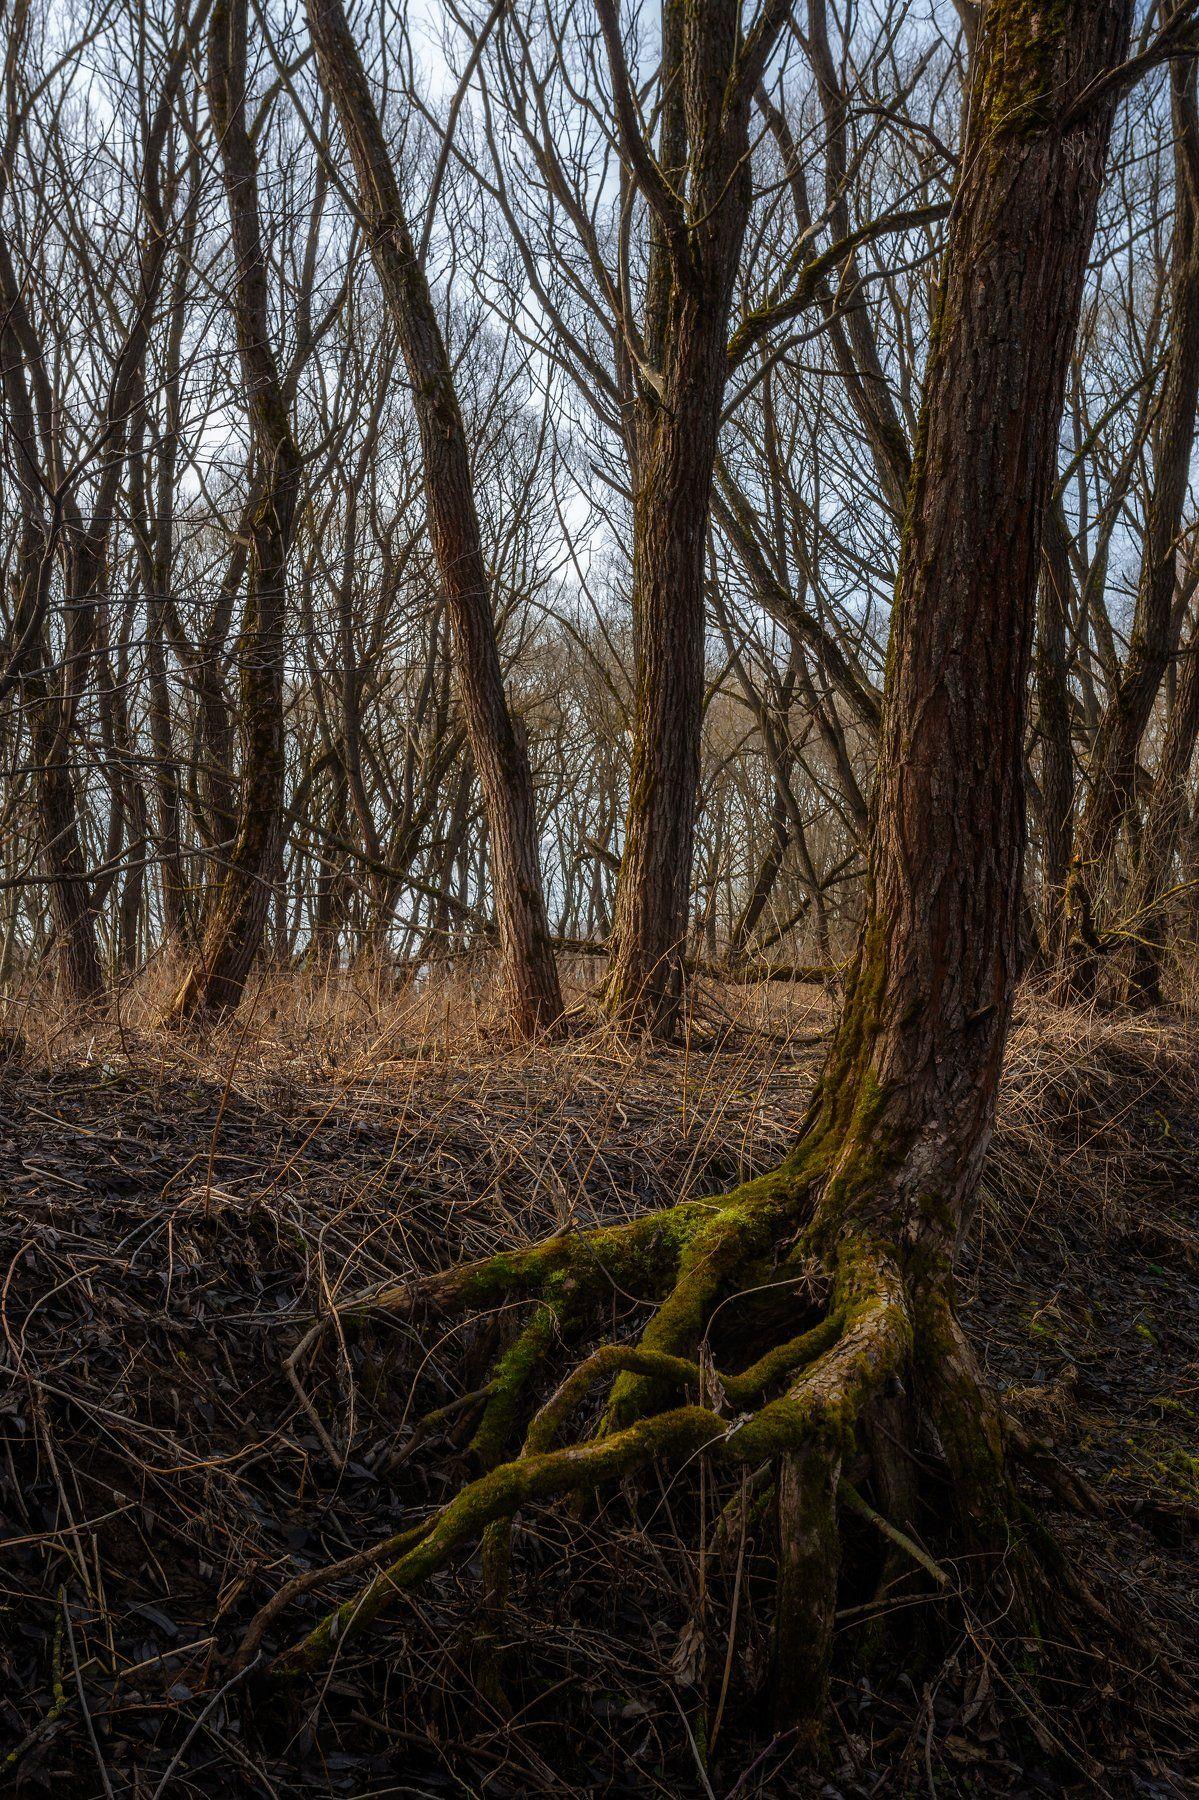 природа, пейзаж, деревья, весна, московская область, Мартыненко Дмитрий